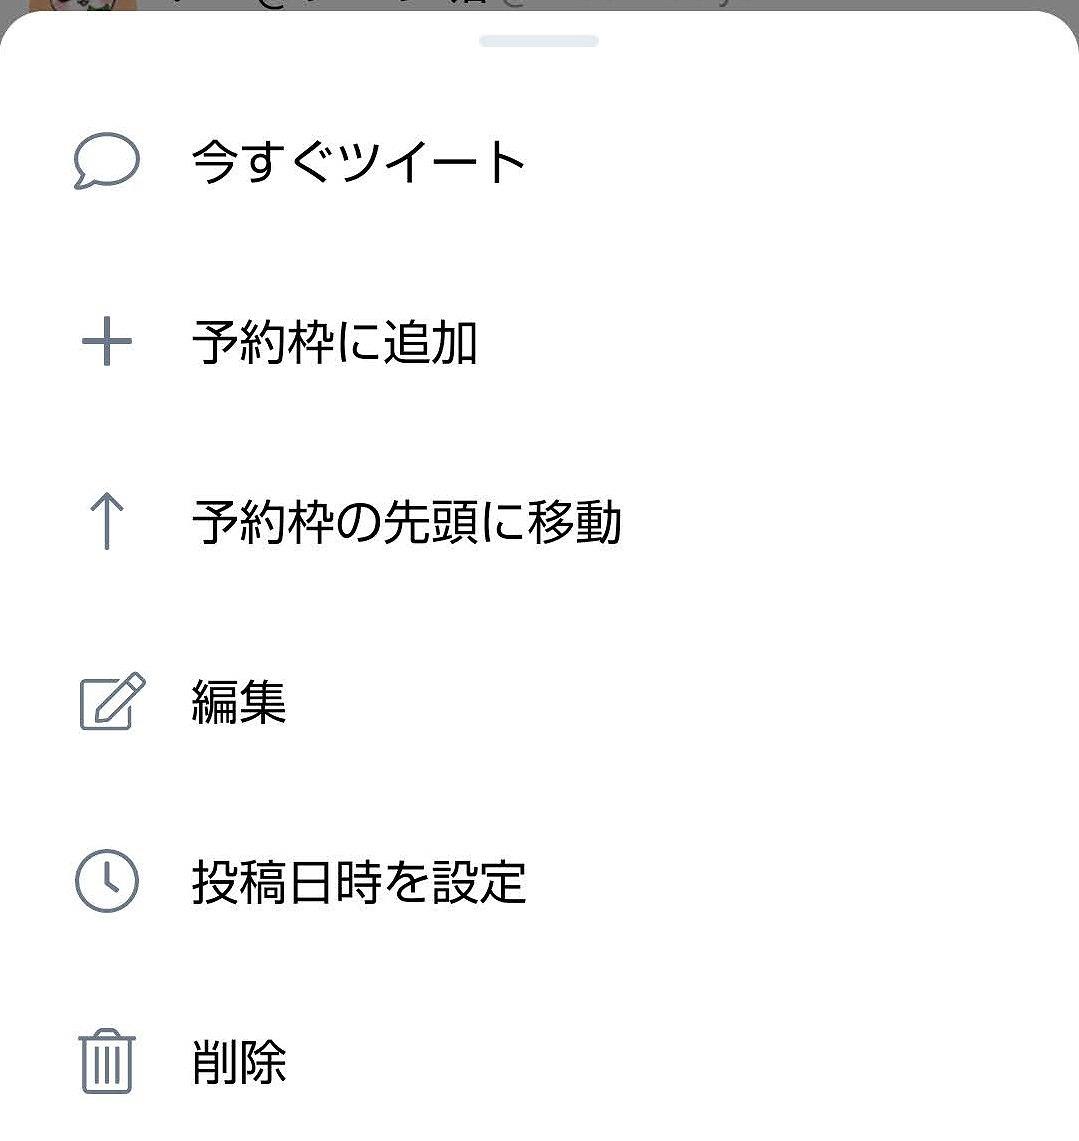 ソーシャルドッグ・予約投稿